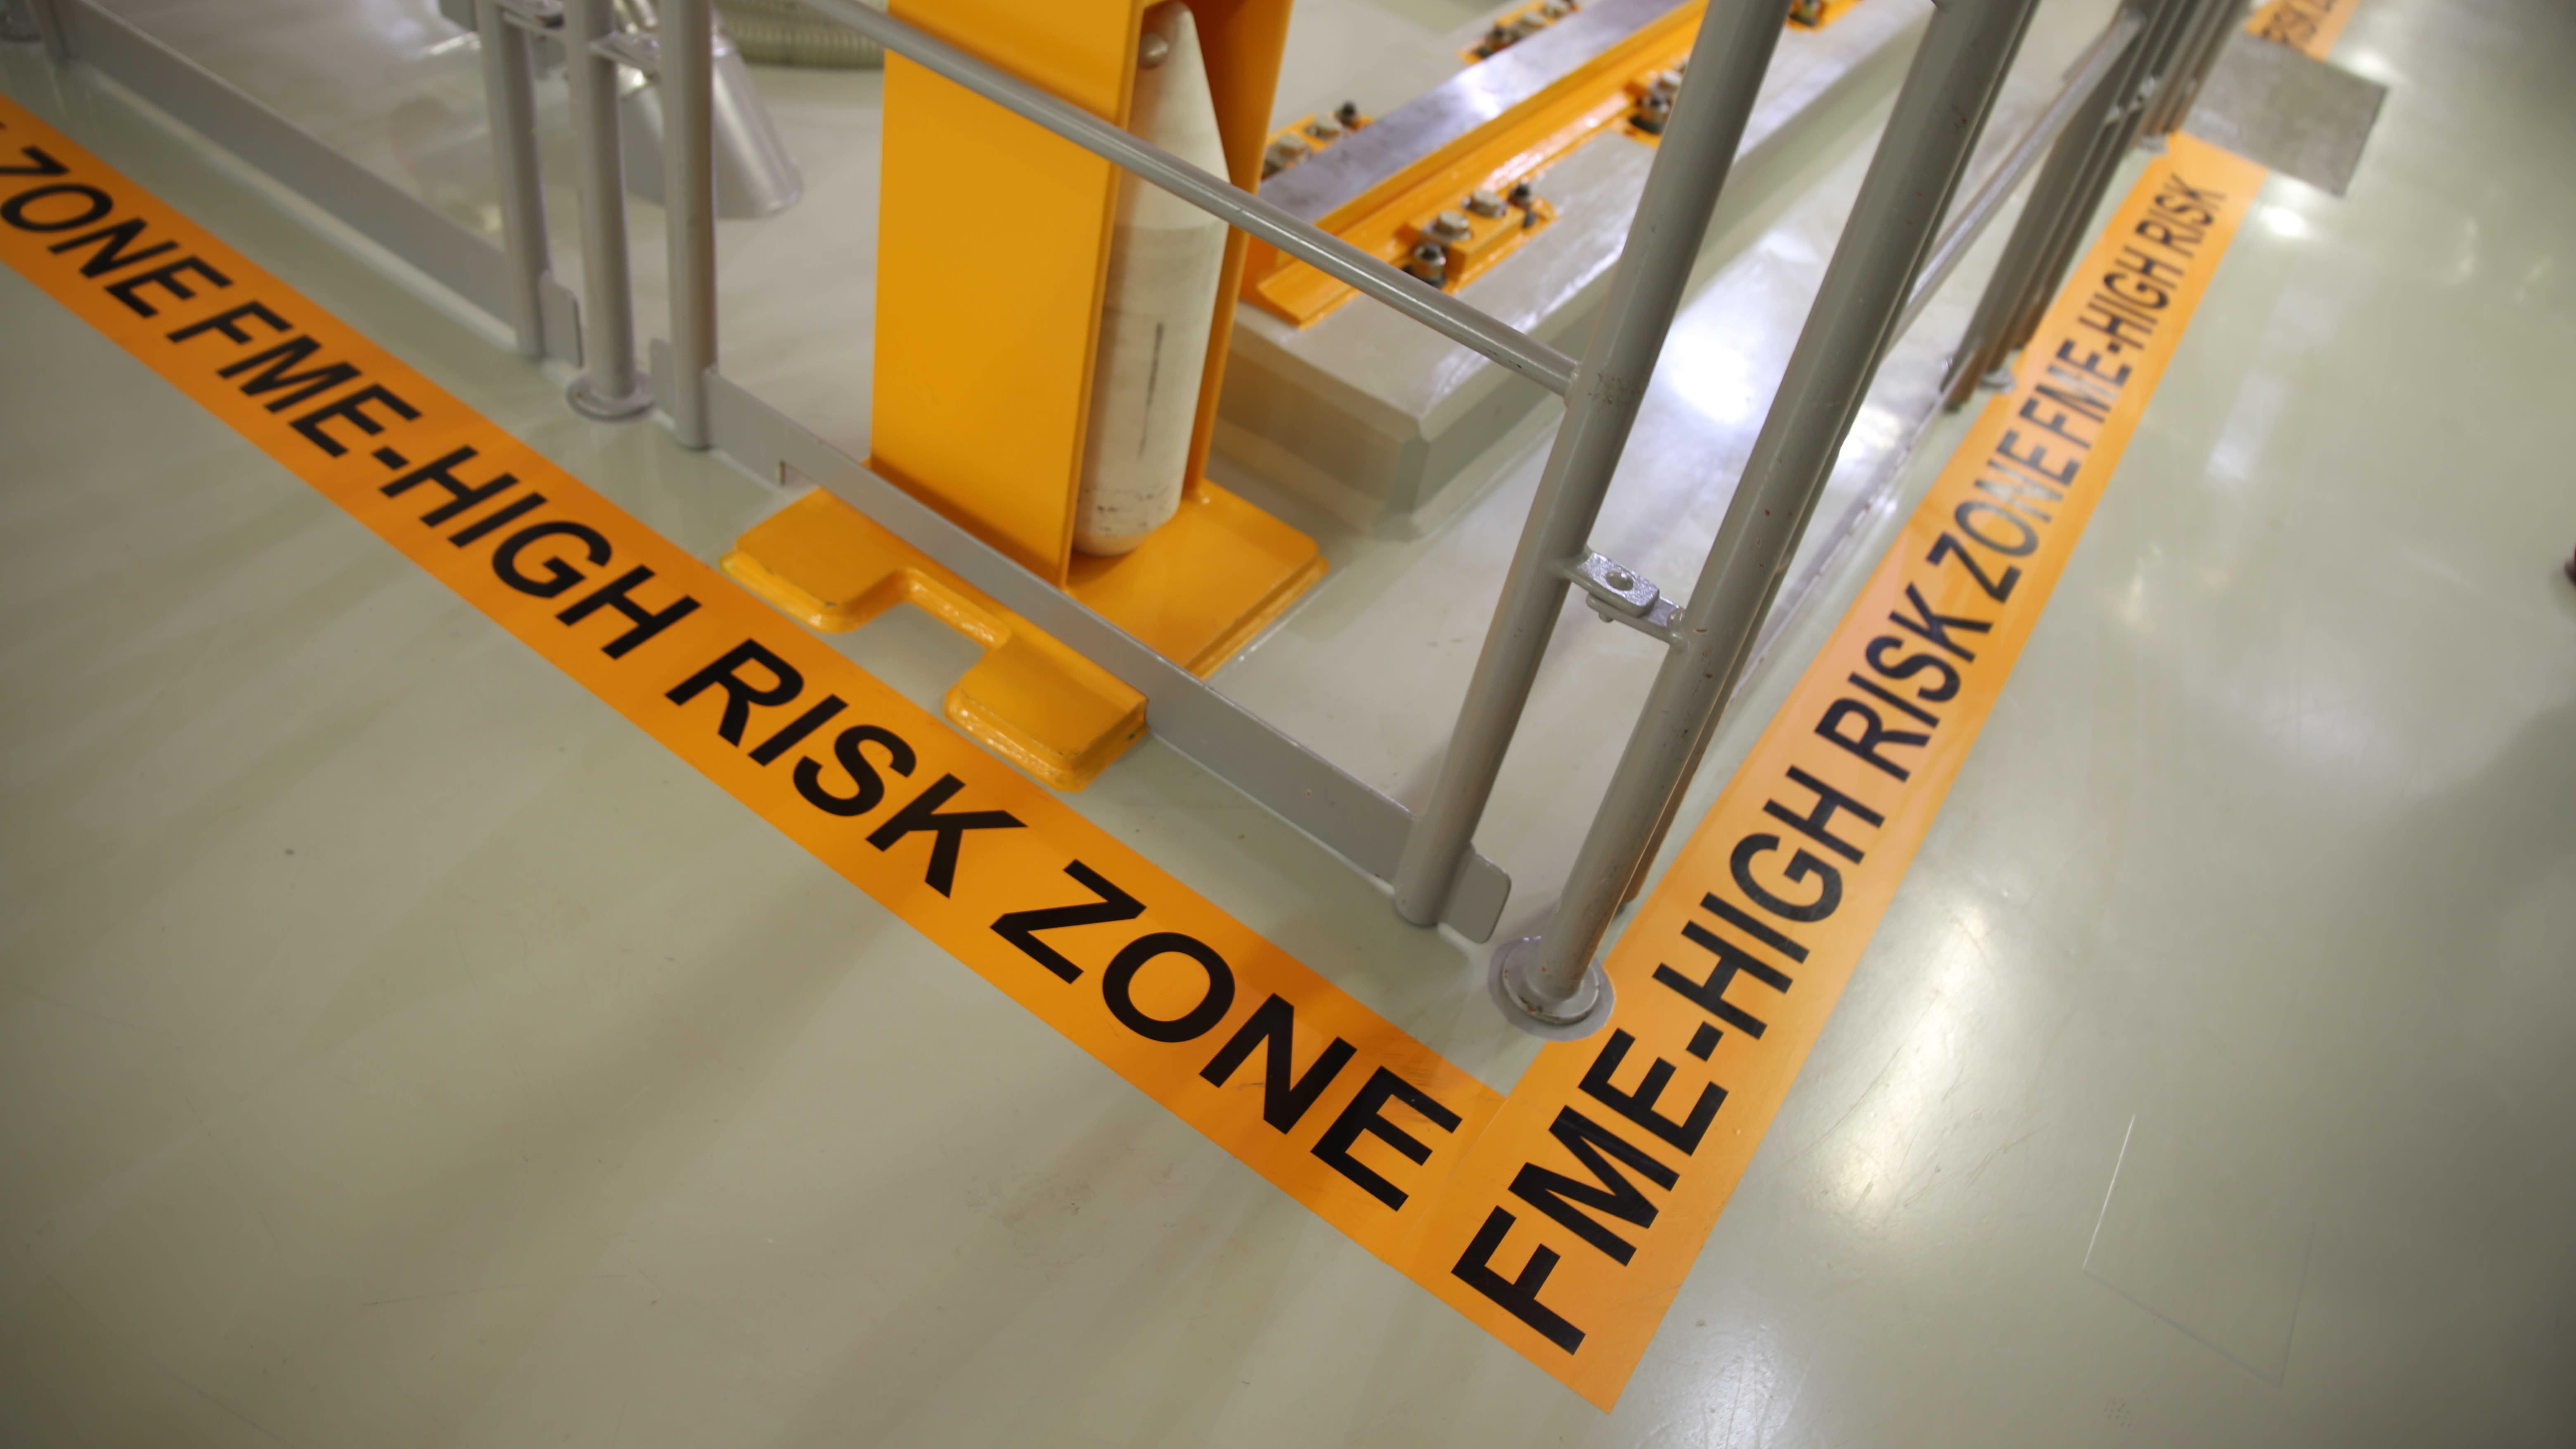 """Reaktoriallasta kiertää oranssi """"FME High Risk Zone"""" -teksti, jolla pyritään varoittamaan ulkopuolisen materiaalin kulkeutumisesta altaaseen."""